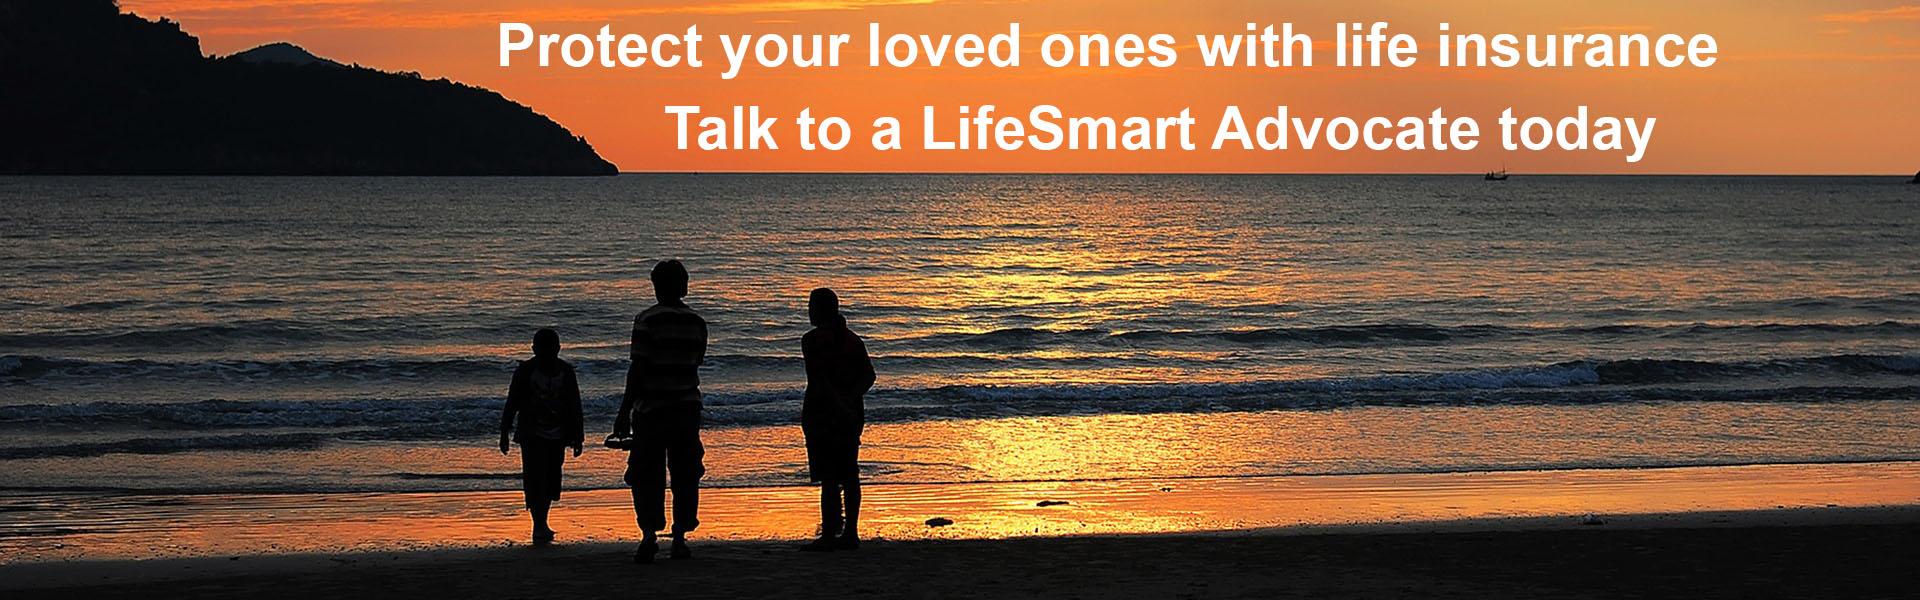 life insurance glossary